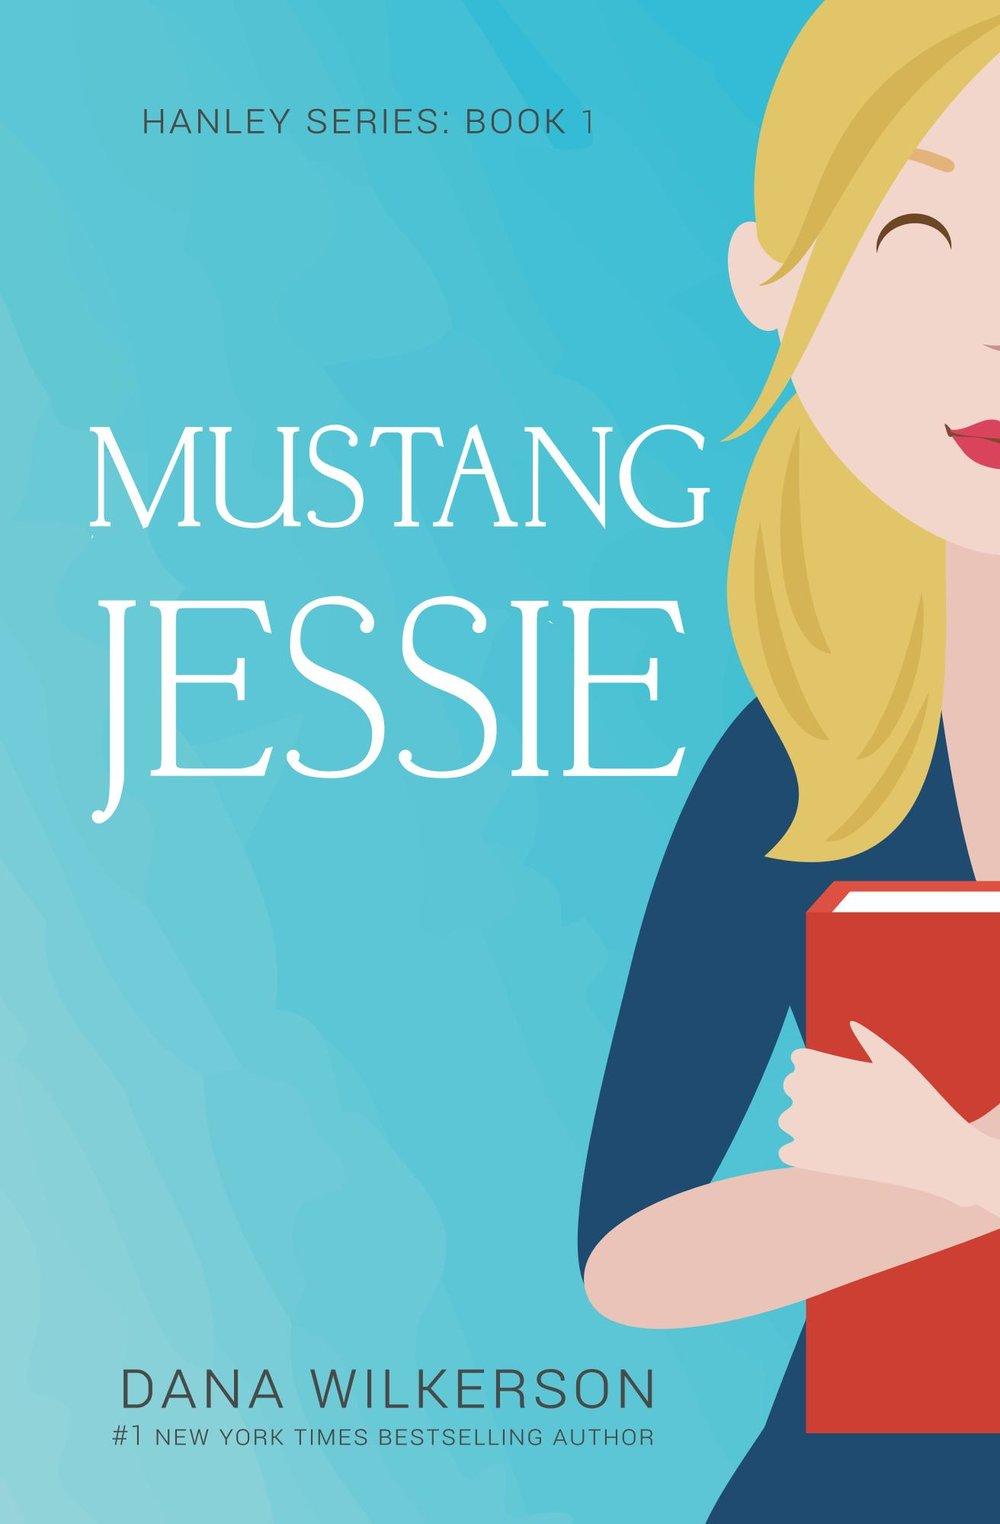 Hanley Series Book 1: Mustang Jessie